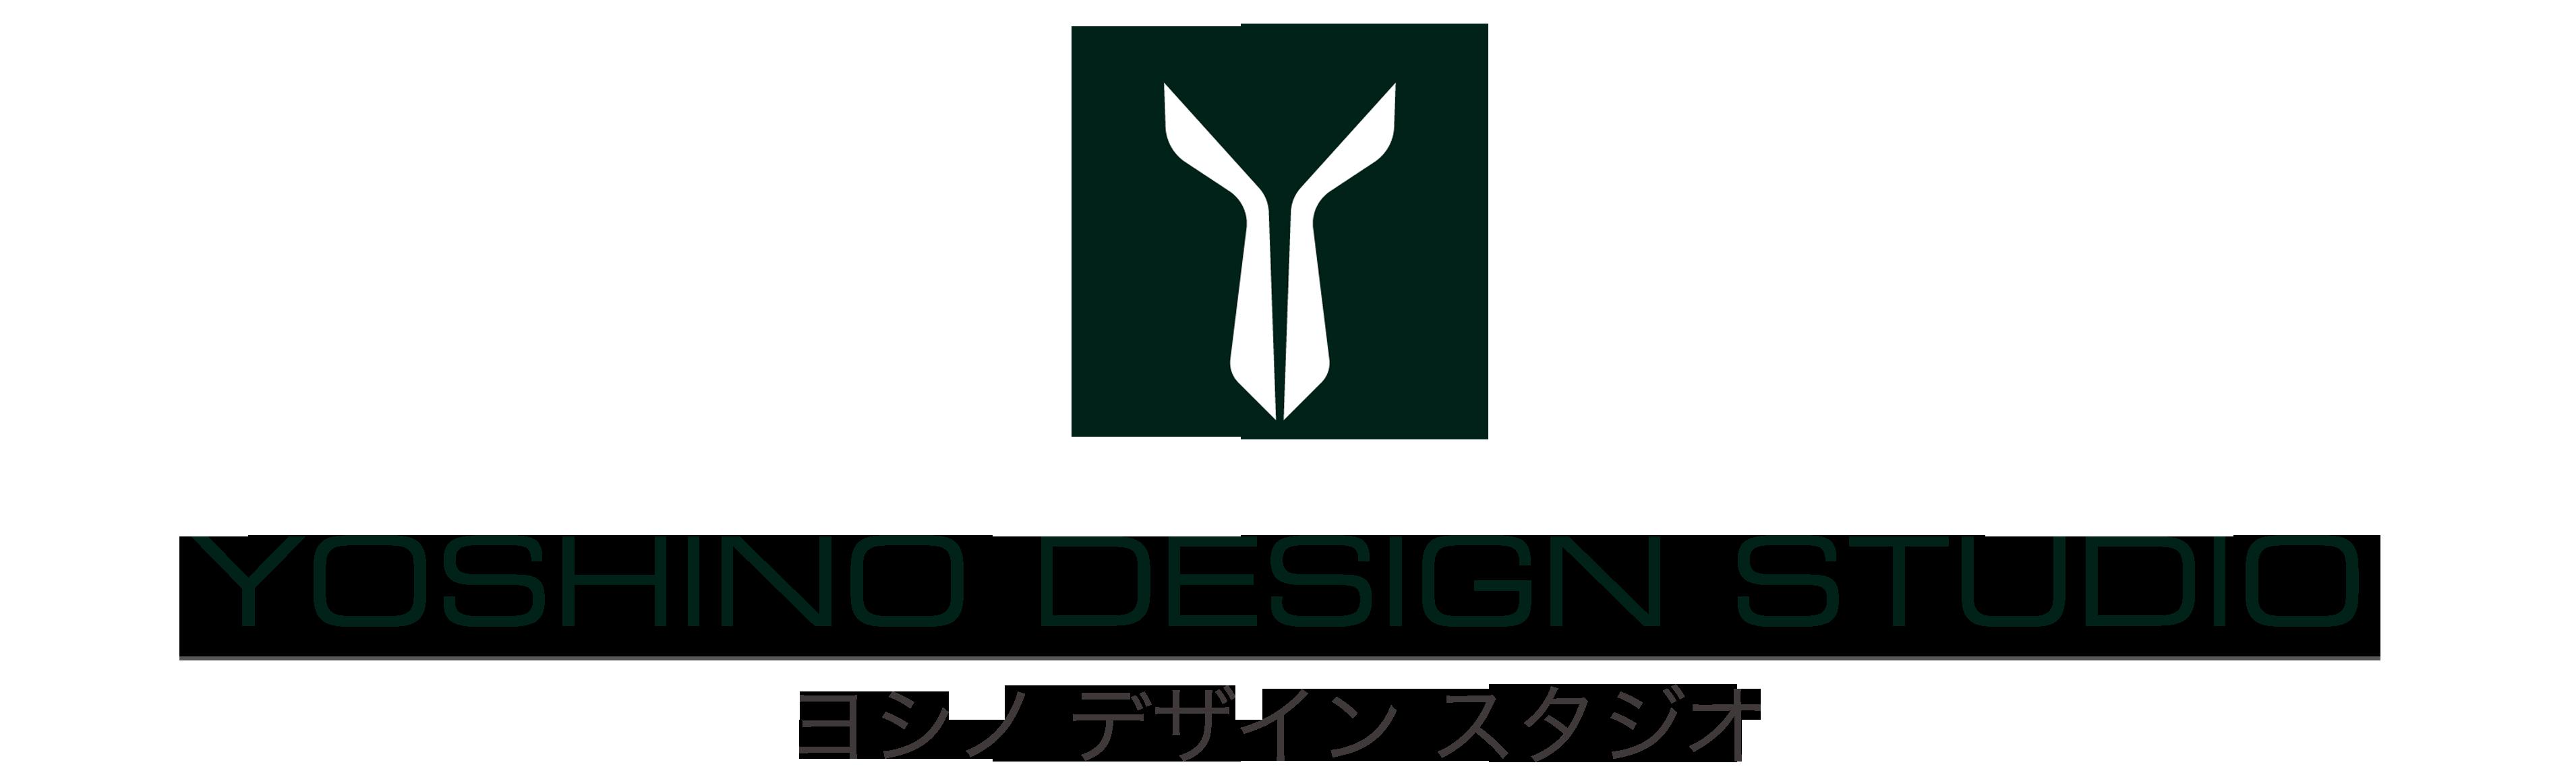 YOSHINO DESIGN STUDIO